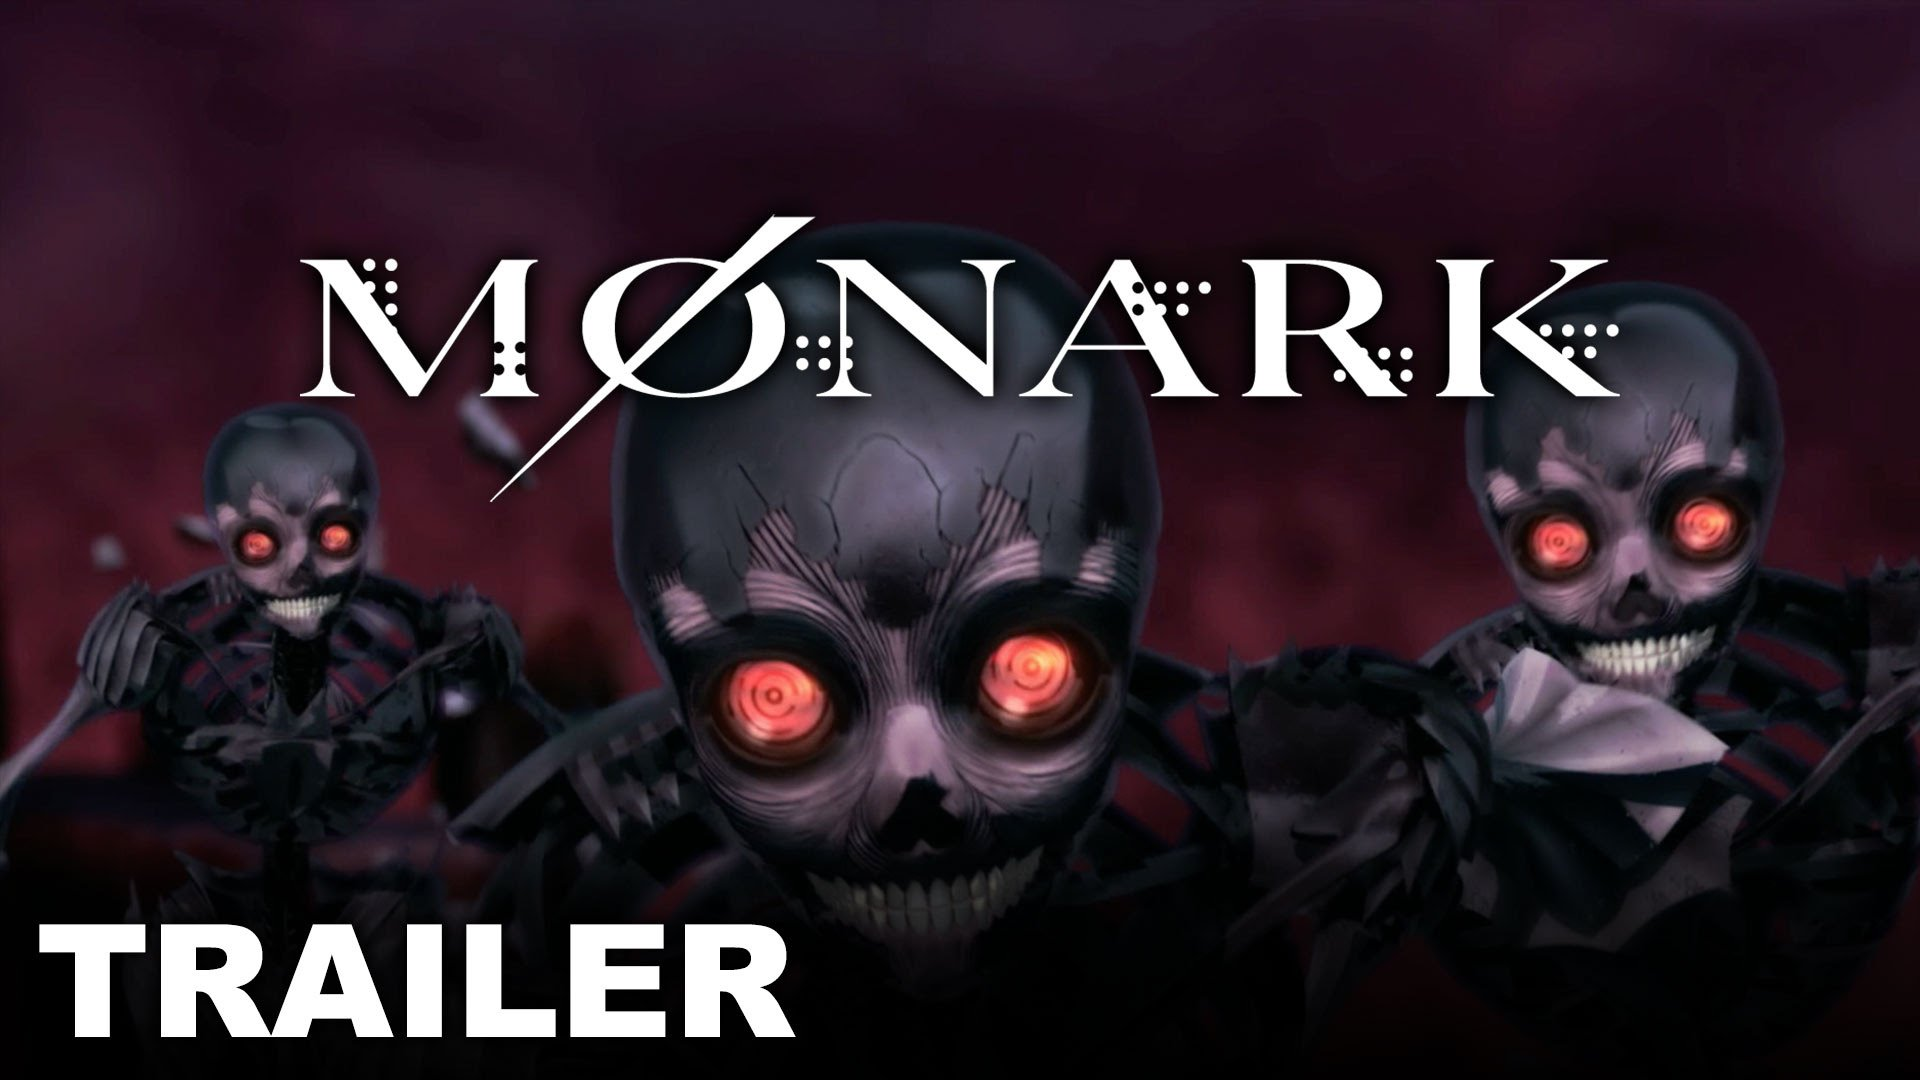 Trailer degli avversari di MONARK e data di uscita!